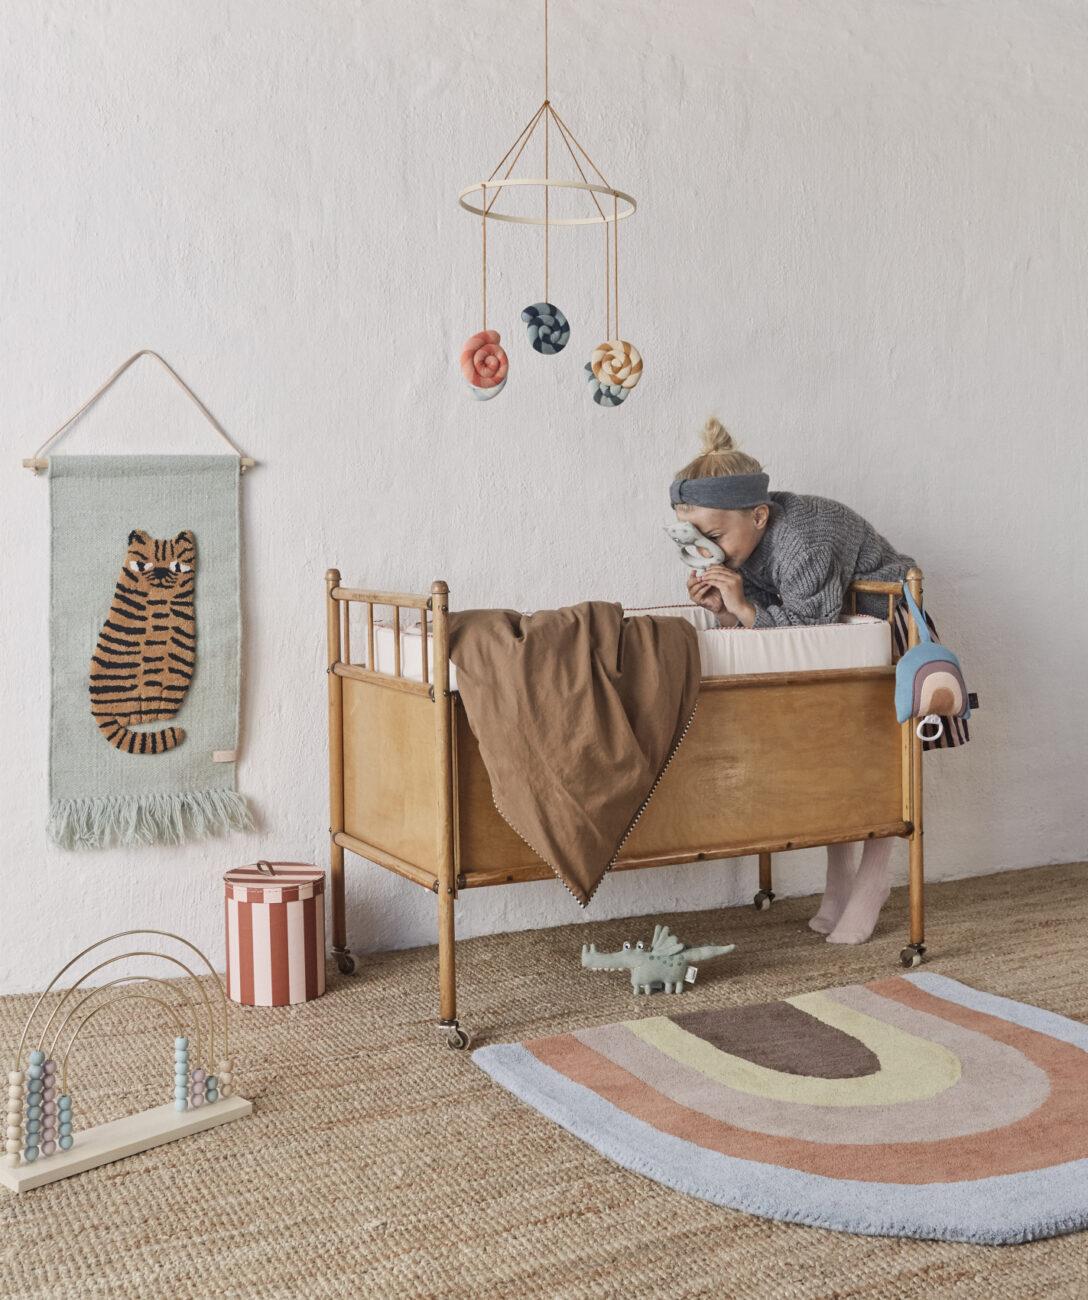 Large Size of Kinderzimmer Wanddeko Oyoy Wandteppich Tiger Softmint Karamell 32x70cm Regal Küche Sofa Weiß Regale Kinderzimmer Kinderzimmer Wanddeko